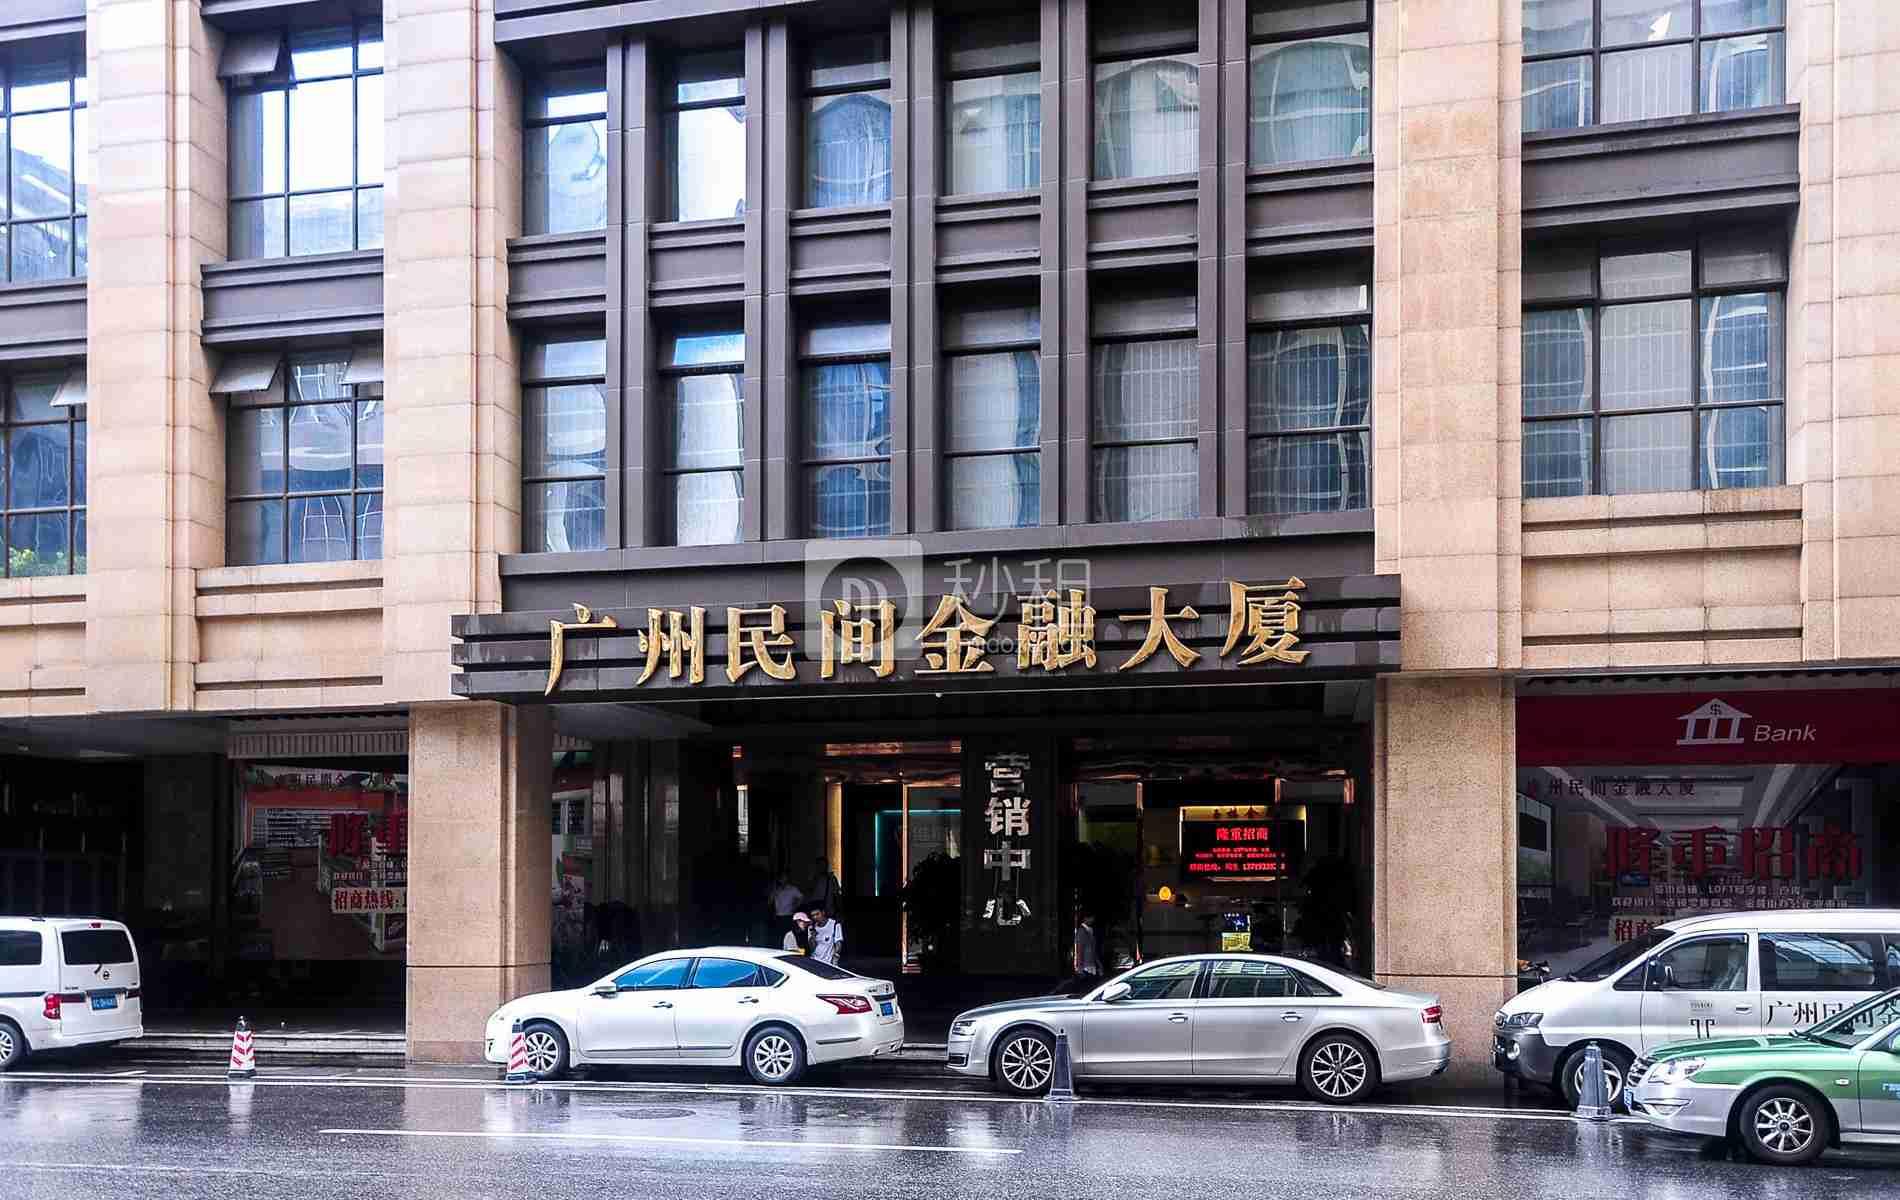 广州民间金融大厦写字楼出租/招租/租赁,广州民间金融大厦办公室出租/招租/租赁